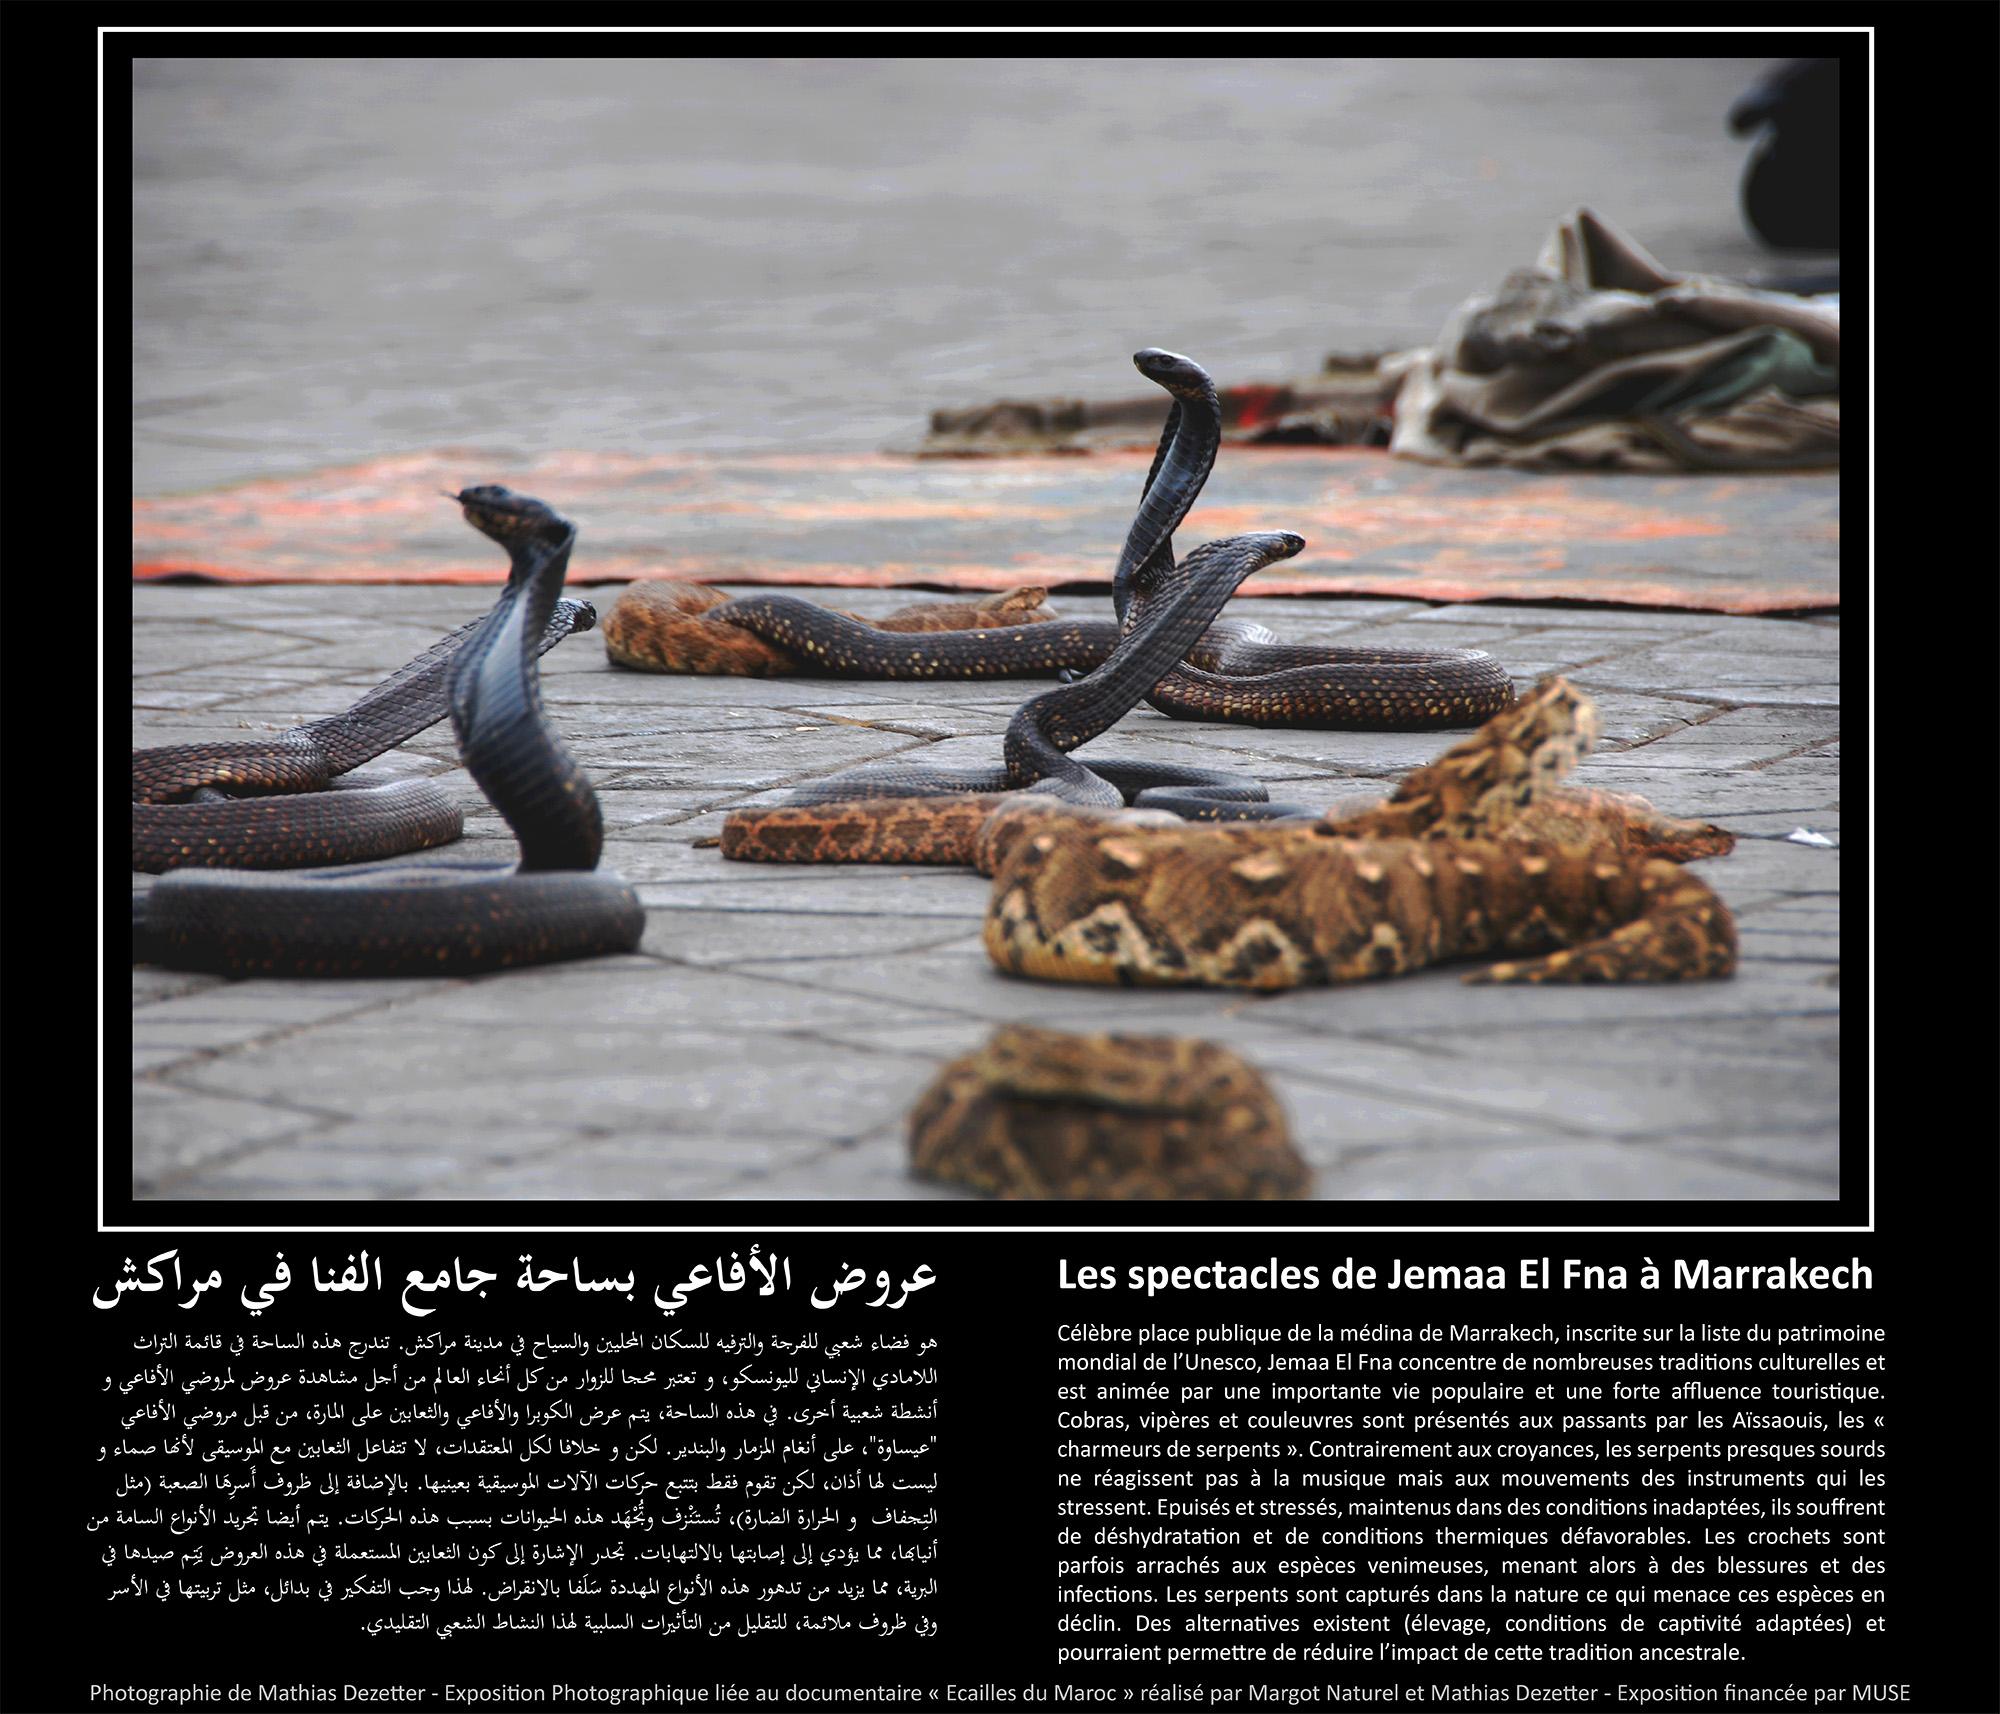 Les spectacles de Jemaa El Fna a Marrakech copie